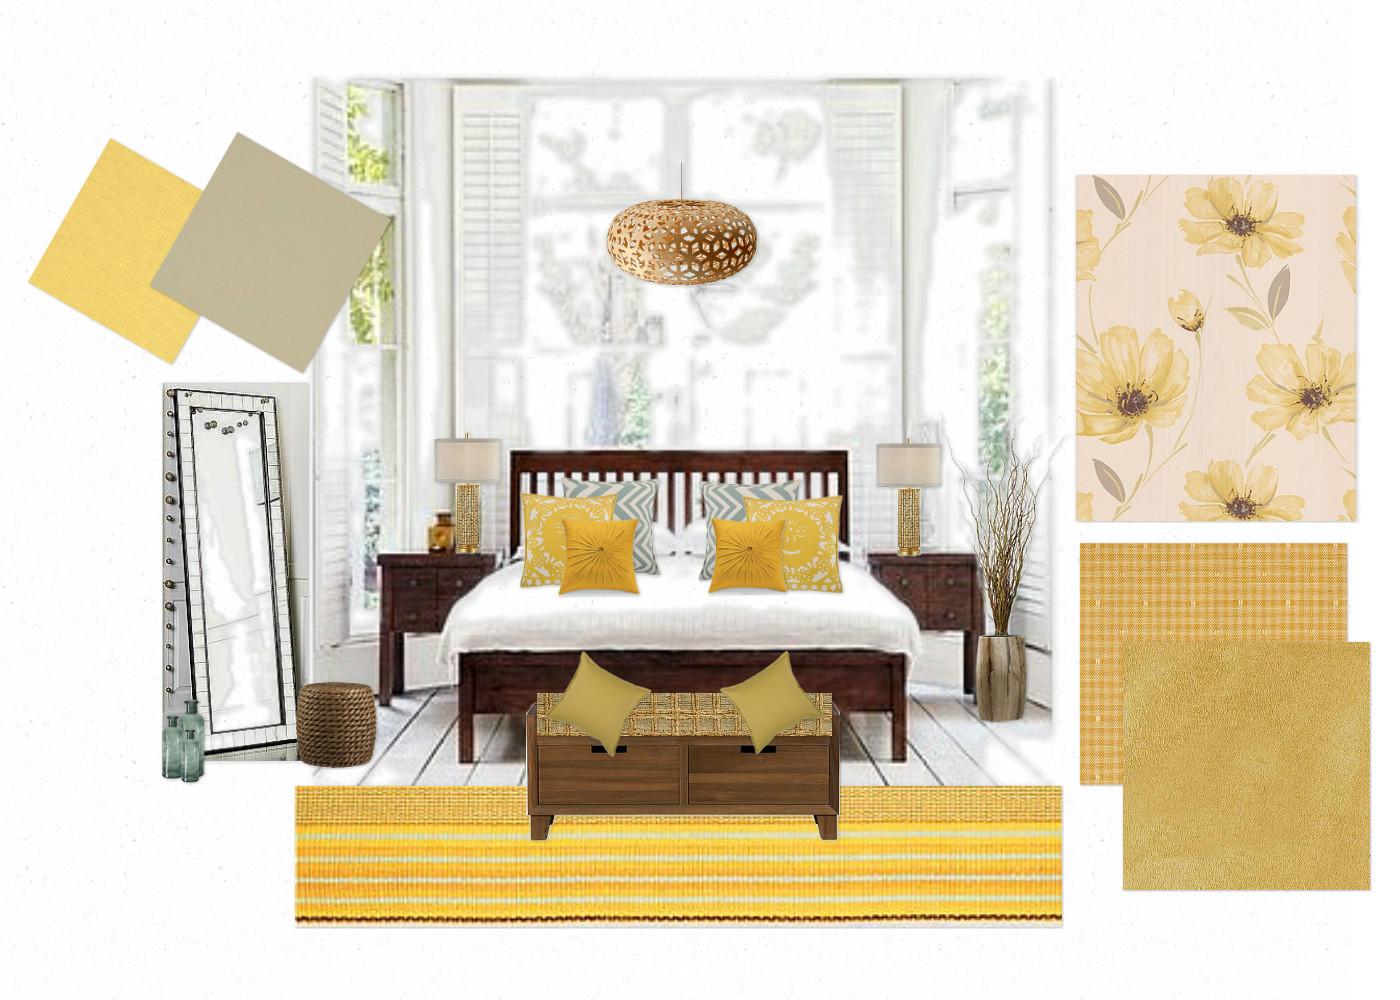 http://2.bp.blogspot.com/-sC_dmzxUkW4/UDugLUMjjKI/AAAAAAAACR8/nPyVagROEB0/s1600/OB-sunny+bedroom.jpg